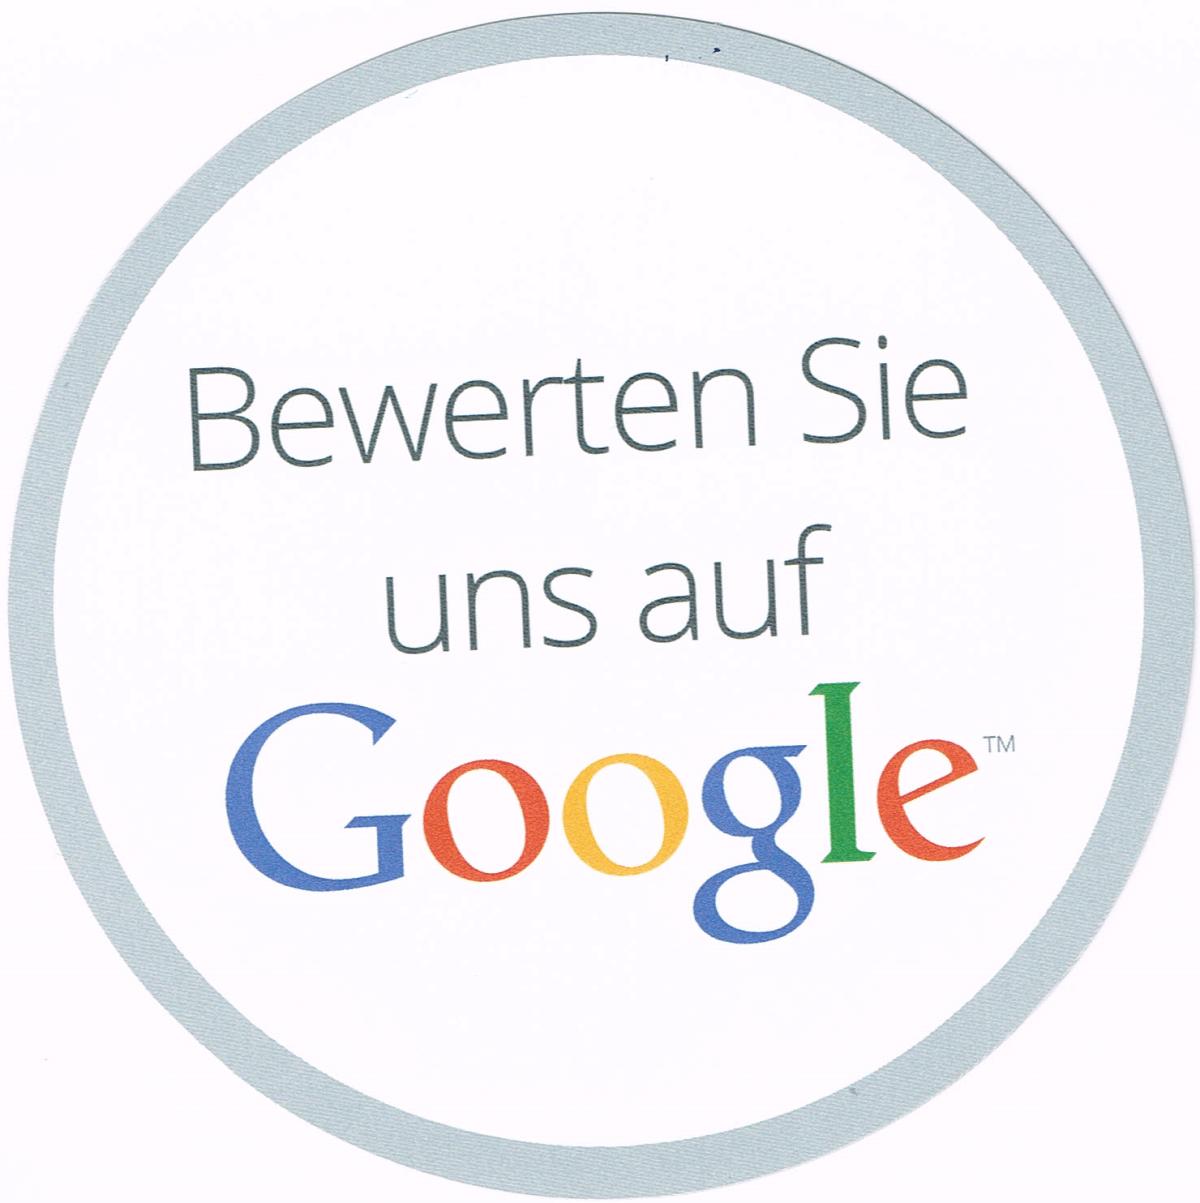 Bewertung Auf Google